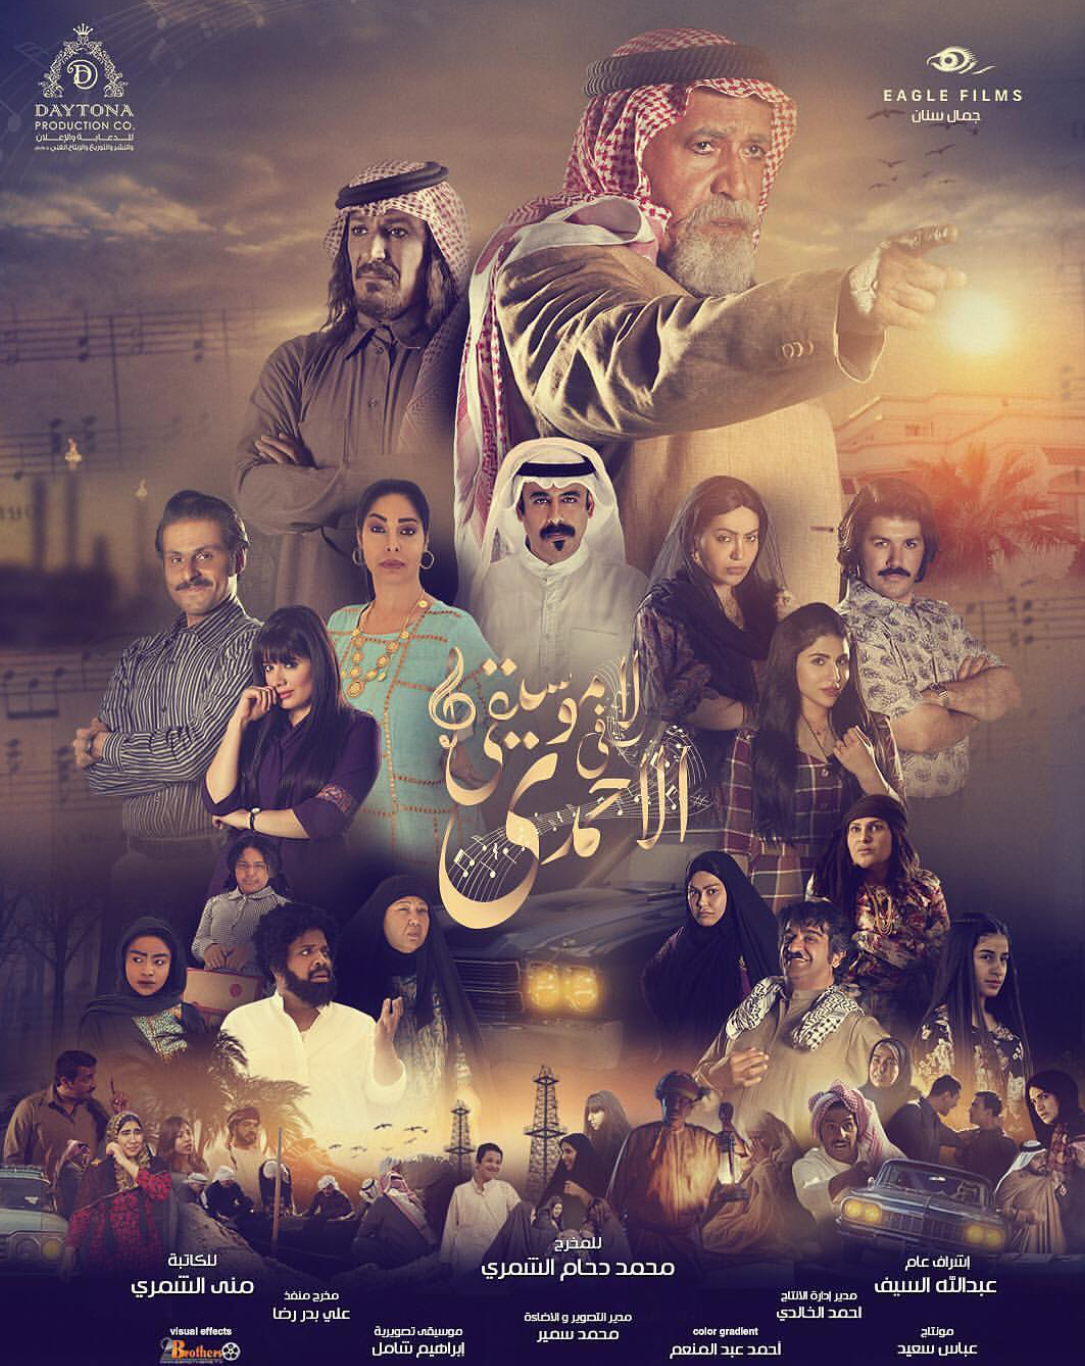 احداث وتفاصيل الحلقة 20 مسلسل لا موسيقى في الأحمدي رمضان 2019